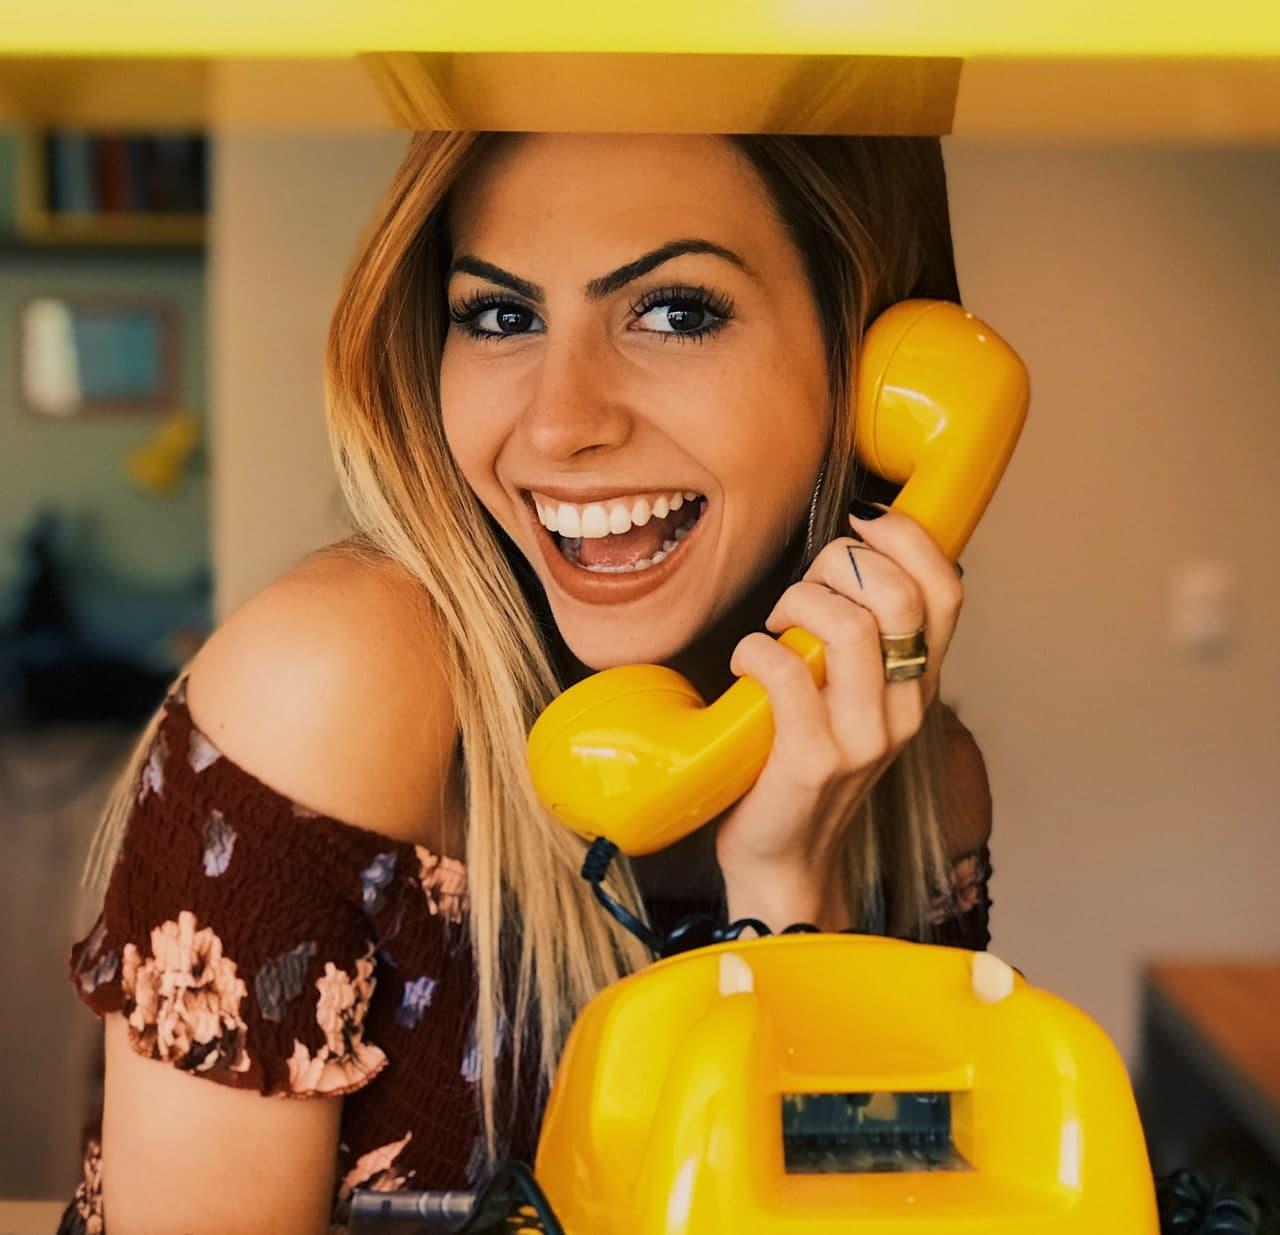 Что такое коллтрекинг (calltraking) и зачем он нужен бизнесу